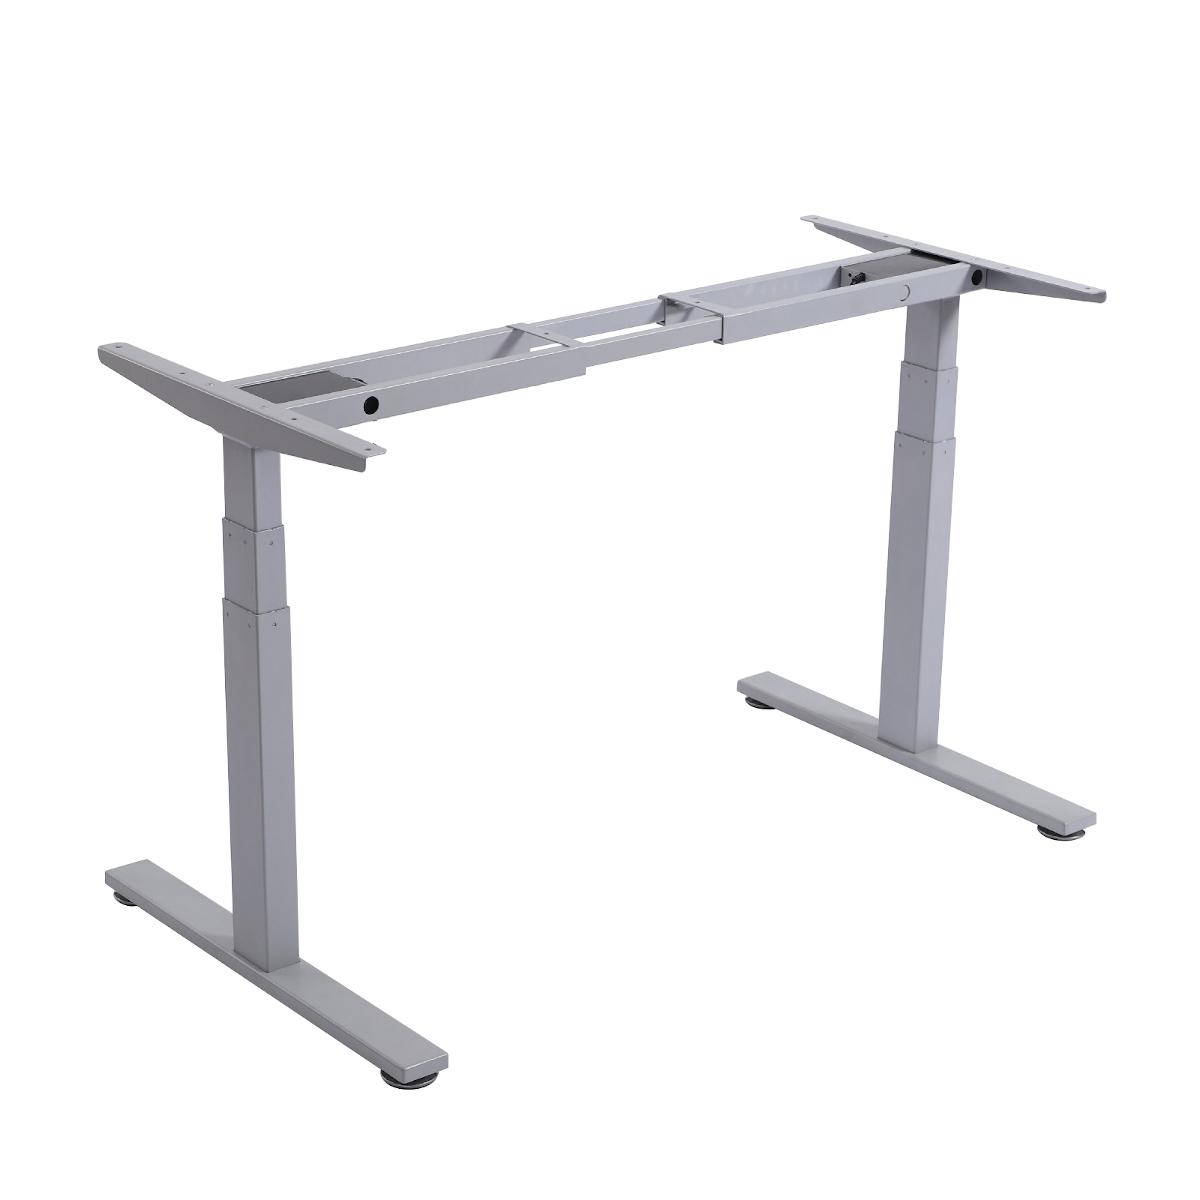 92289 SVITA höhenverstellbares Schreibtisch-Gestell 60-125 cm grau